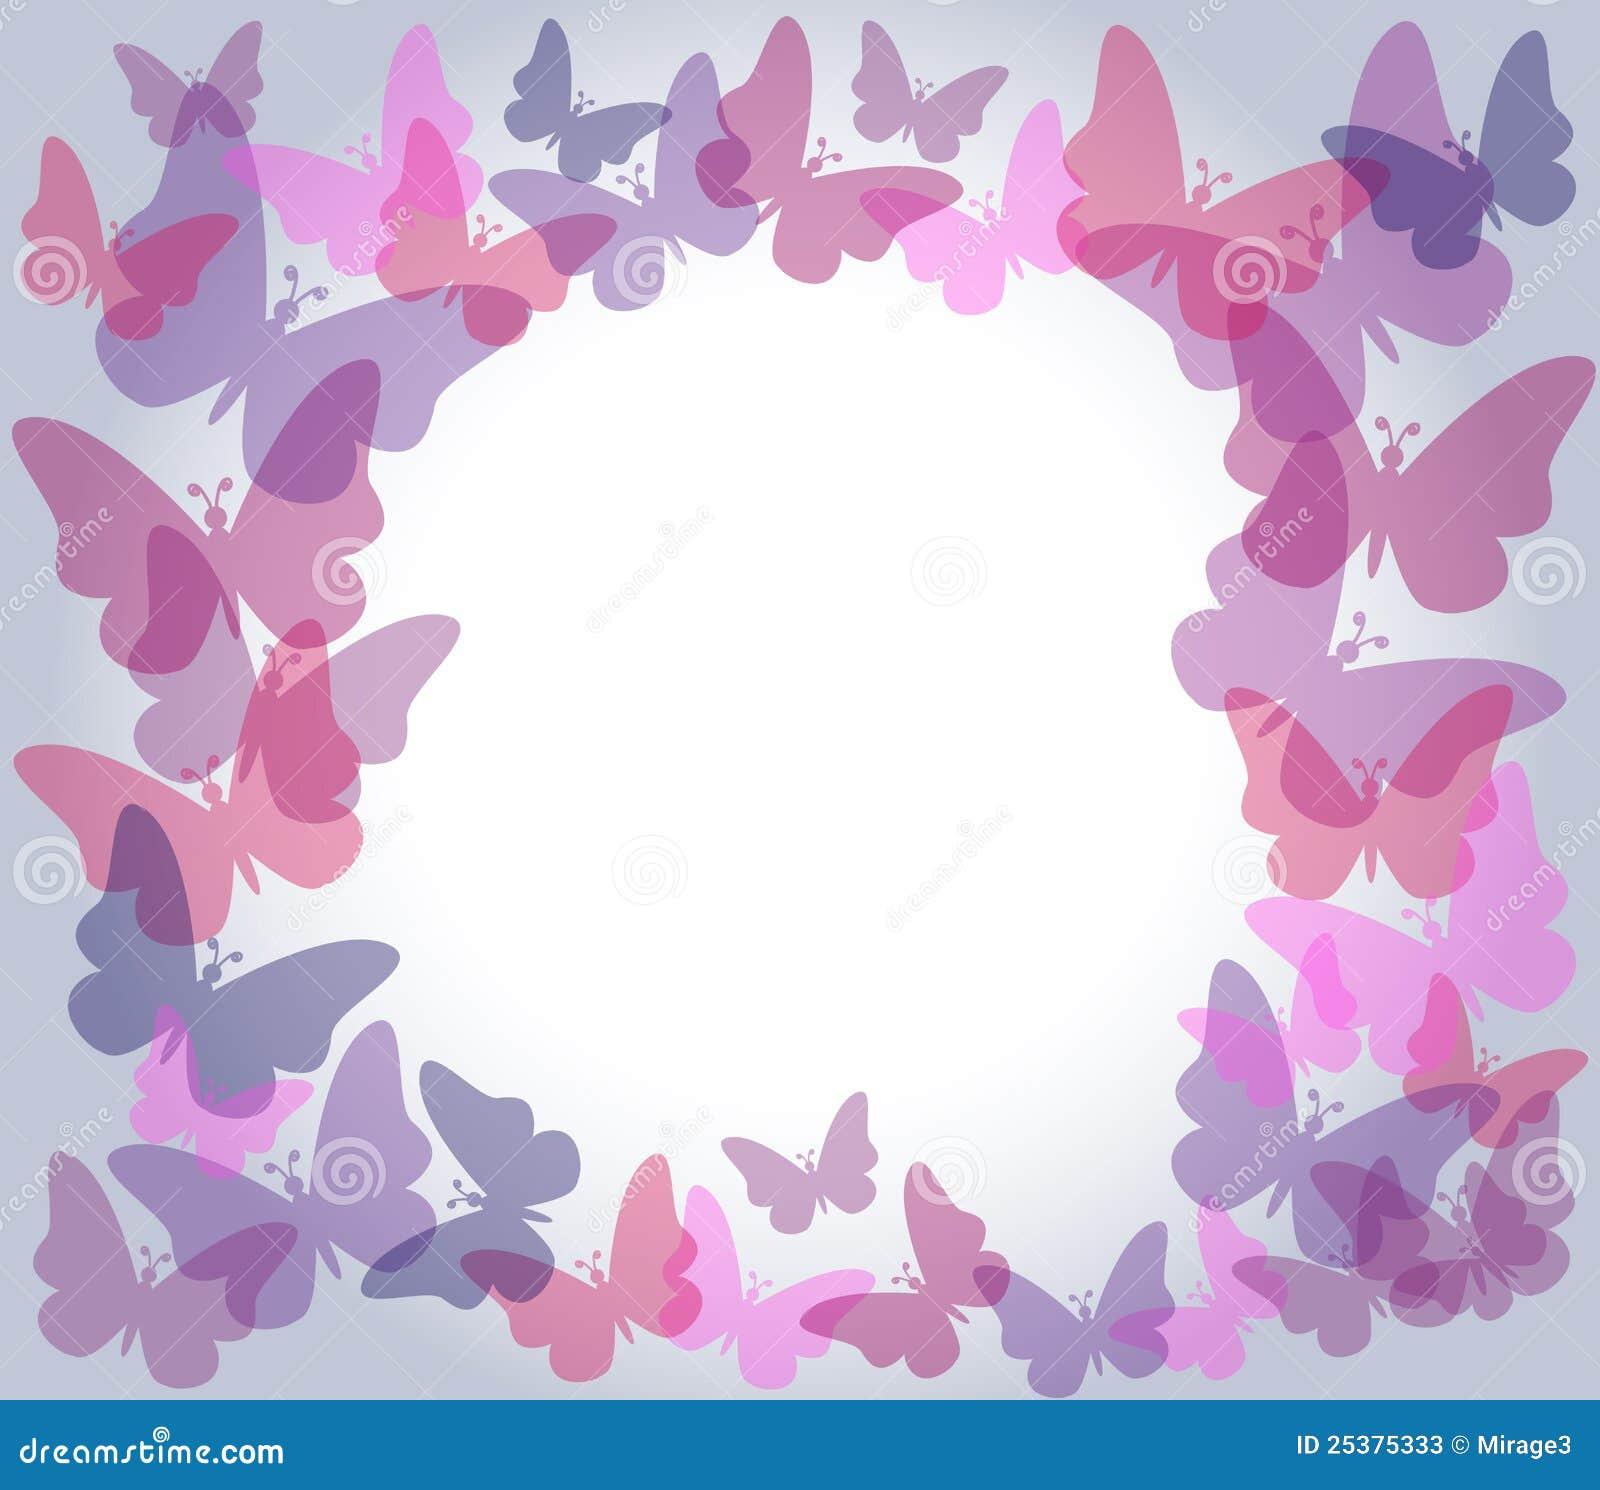 Marco transparente de las mariposas fotos de archivo - Marcos transparentes ...